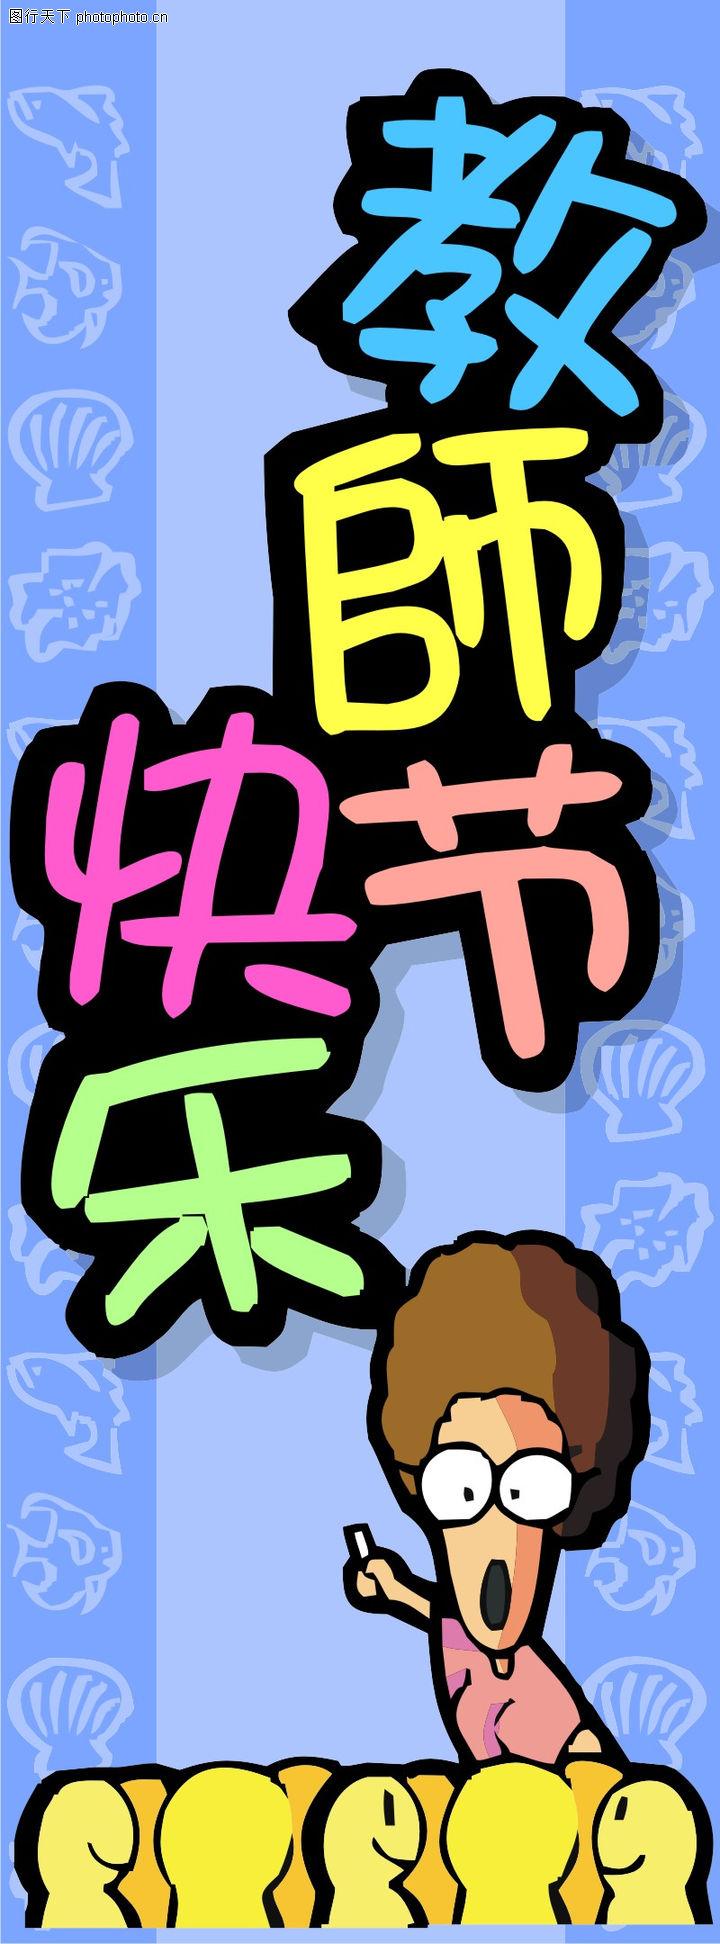 中秋节pop手绘海报 教师节pop手绘海报 手机pop手绘海报